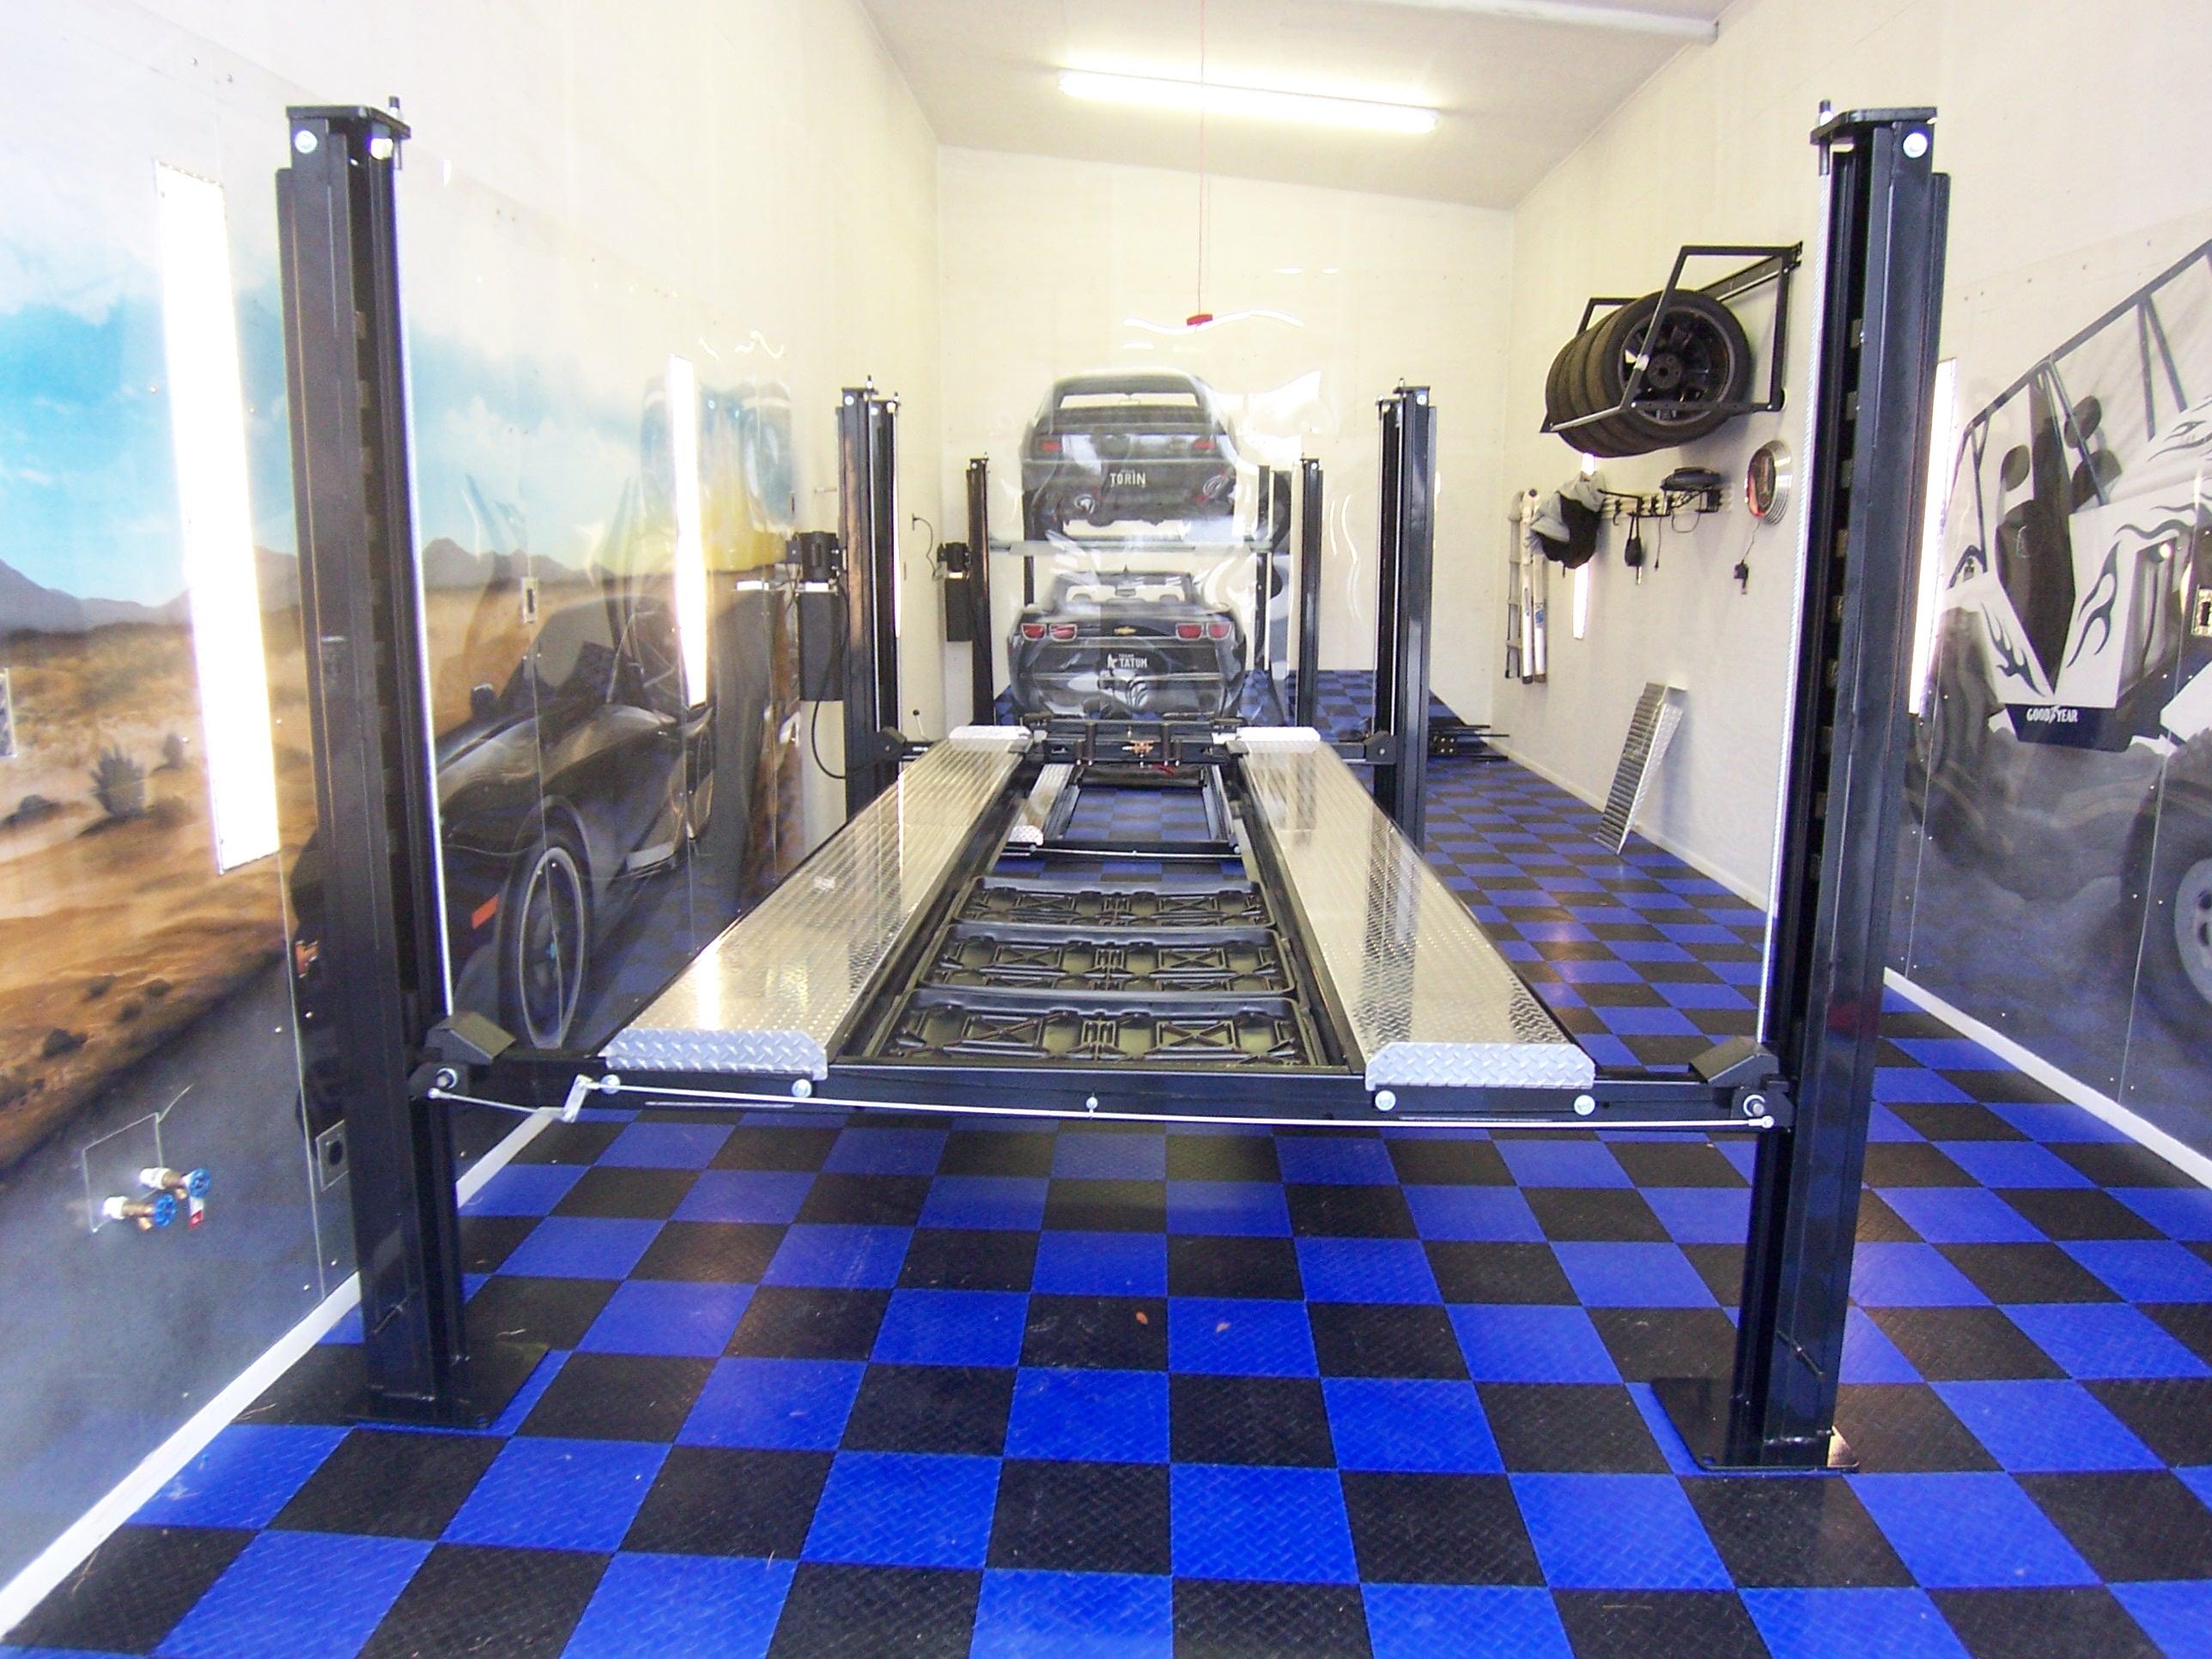 Car Lift Comparison | Rad Lifts